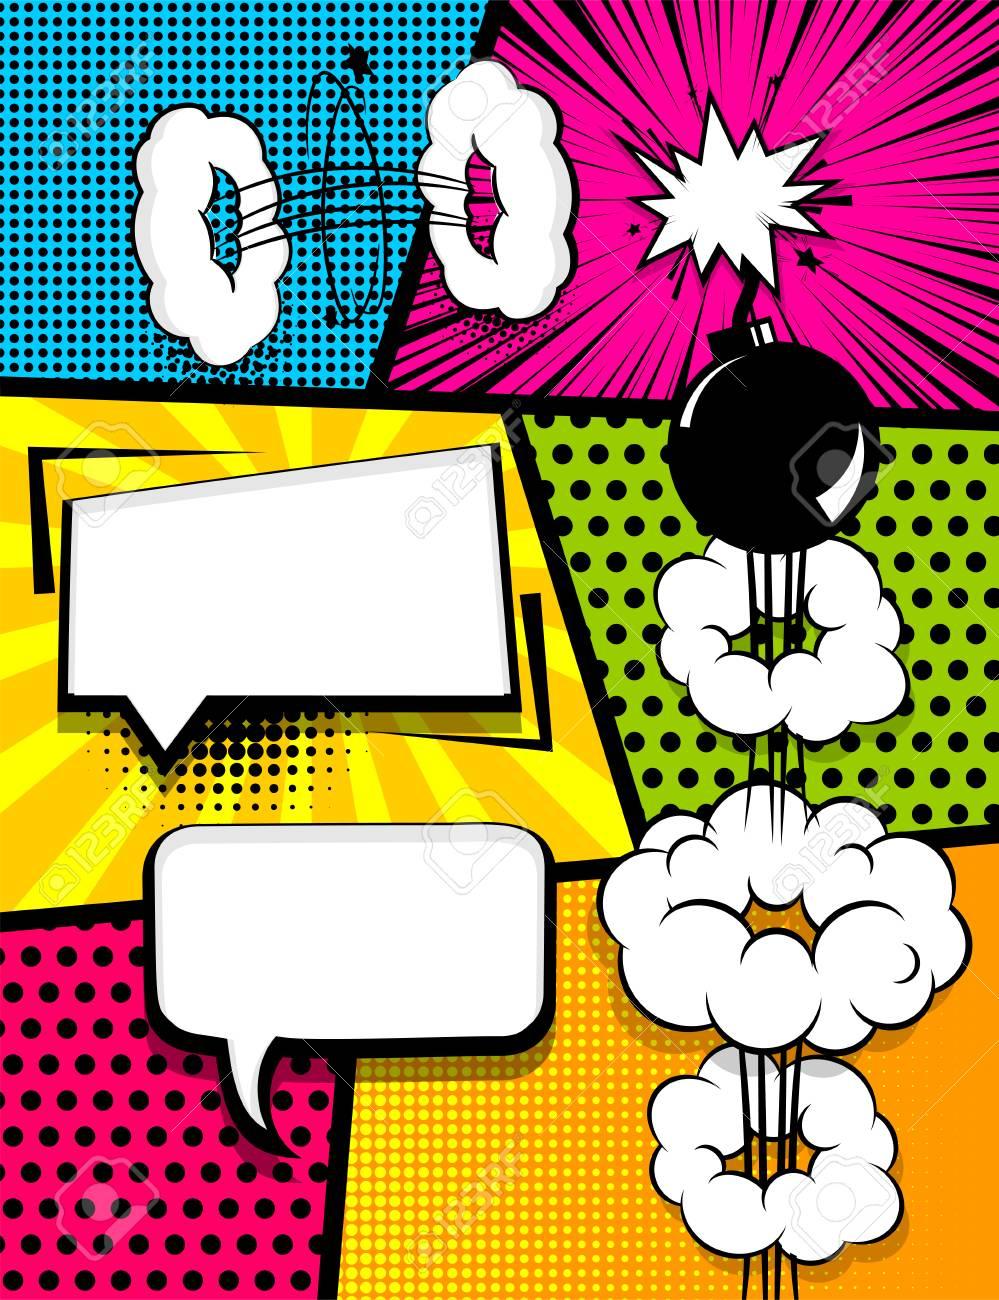 Vertical Pop Art Comics Book Magazine Cover Template Cartoon